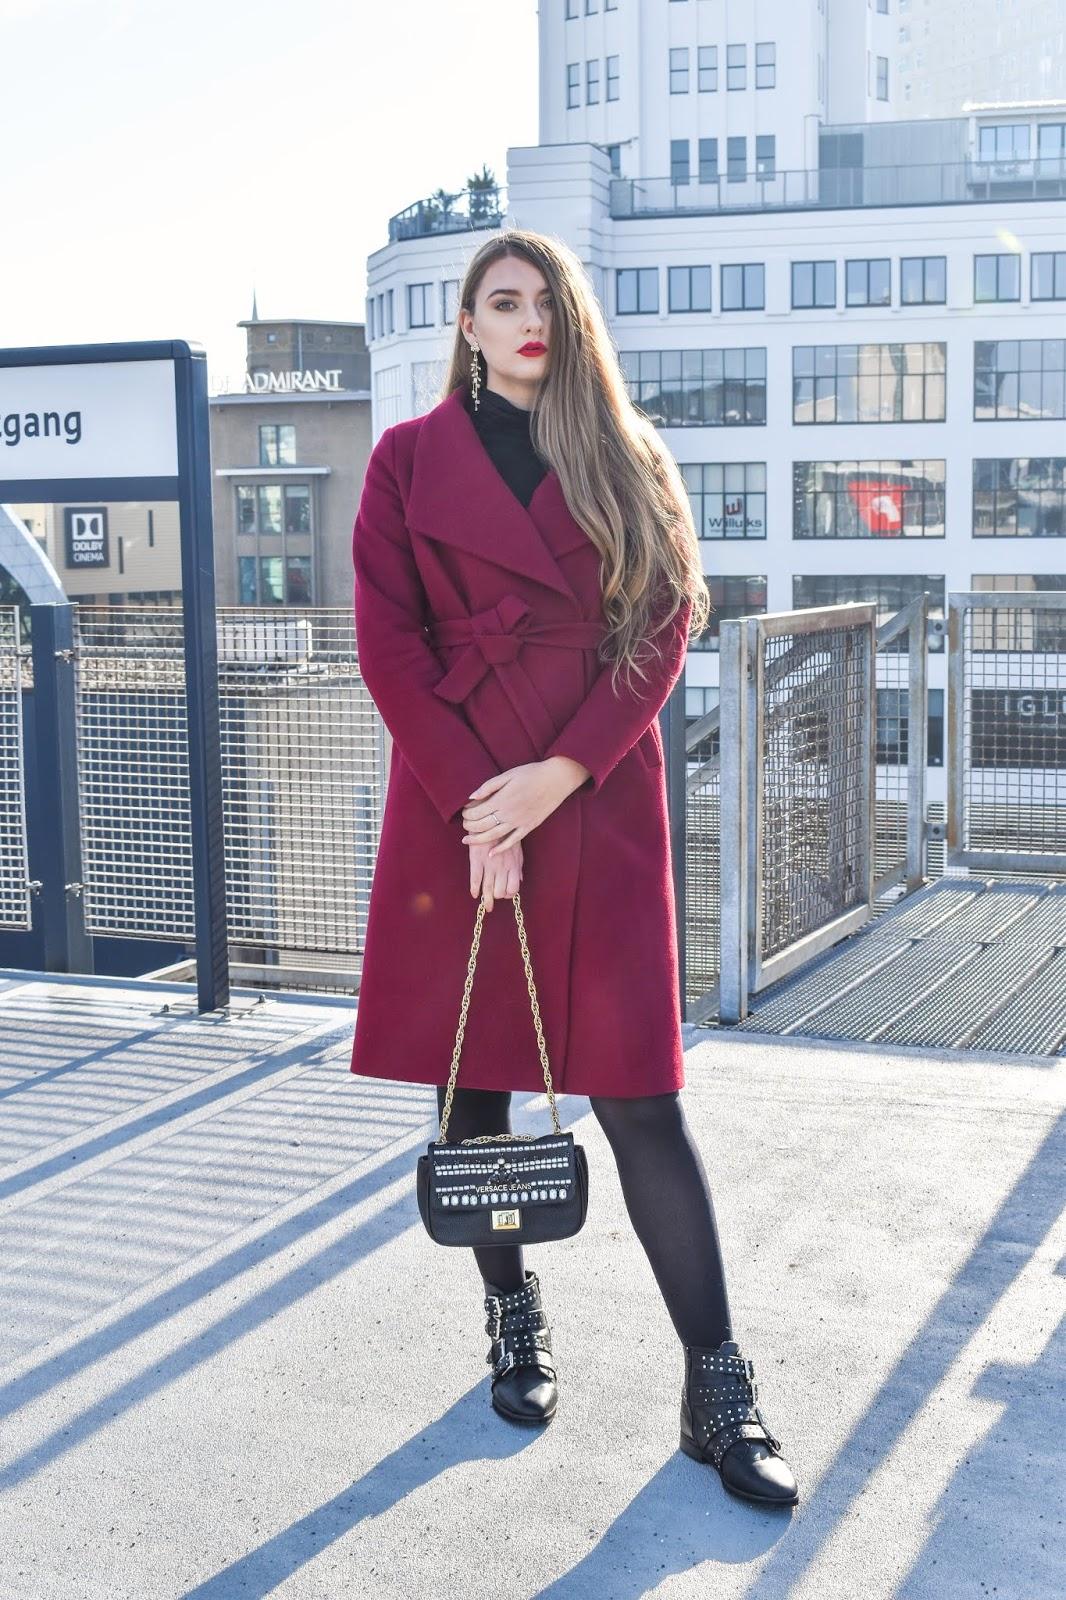 czerwony płaszcz zimowy stylizacje